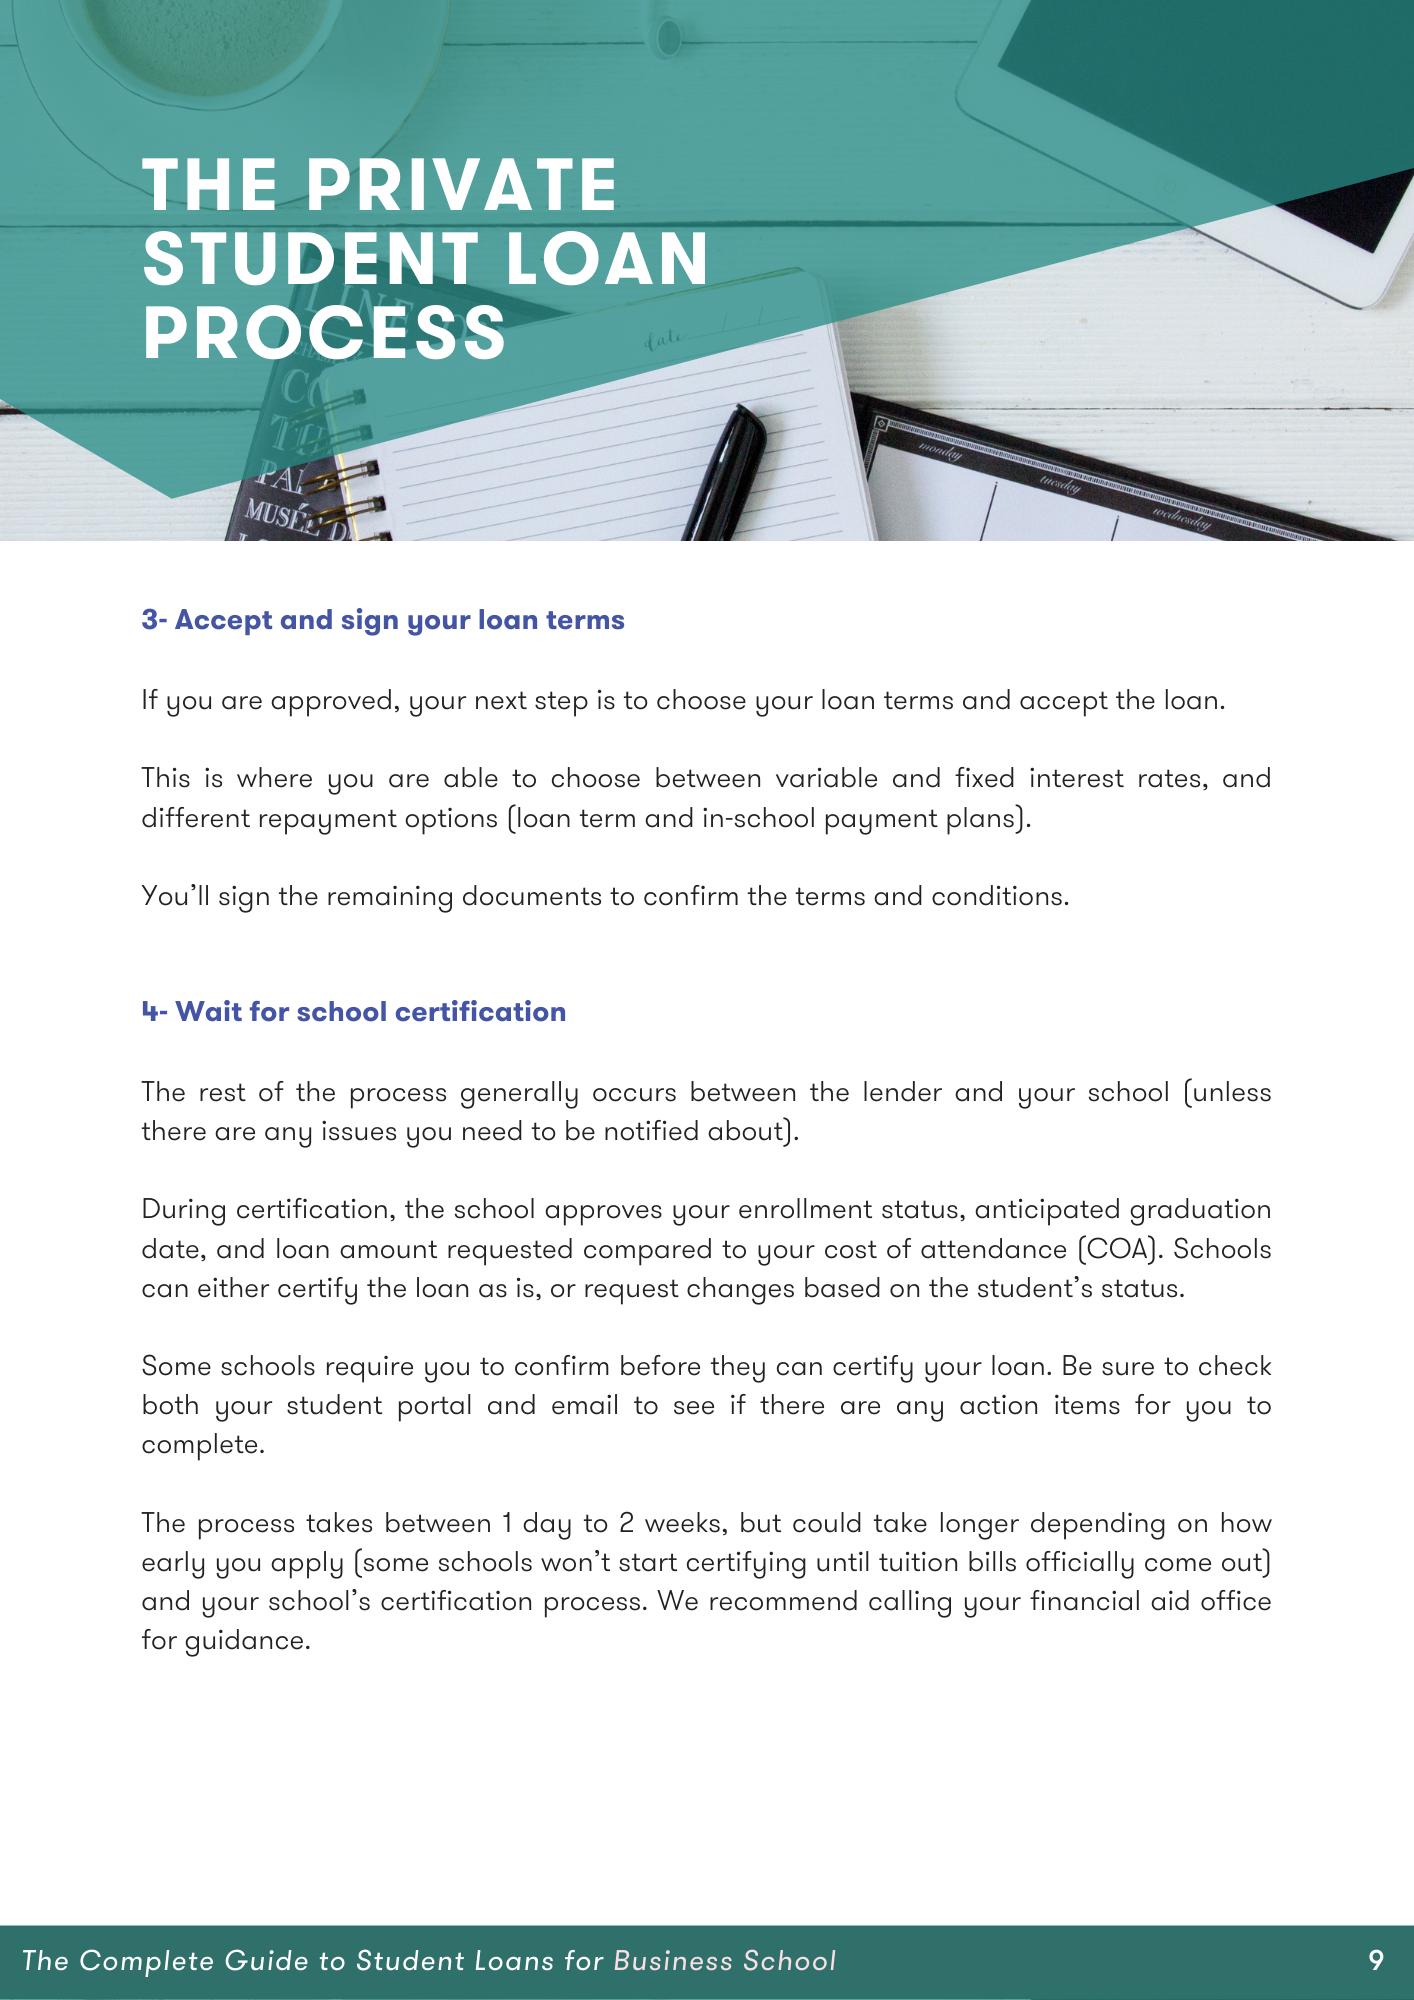 steps for applying for student loan